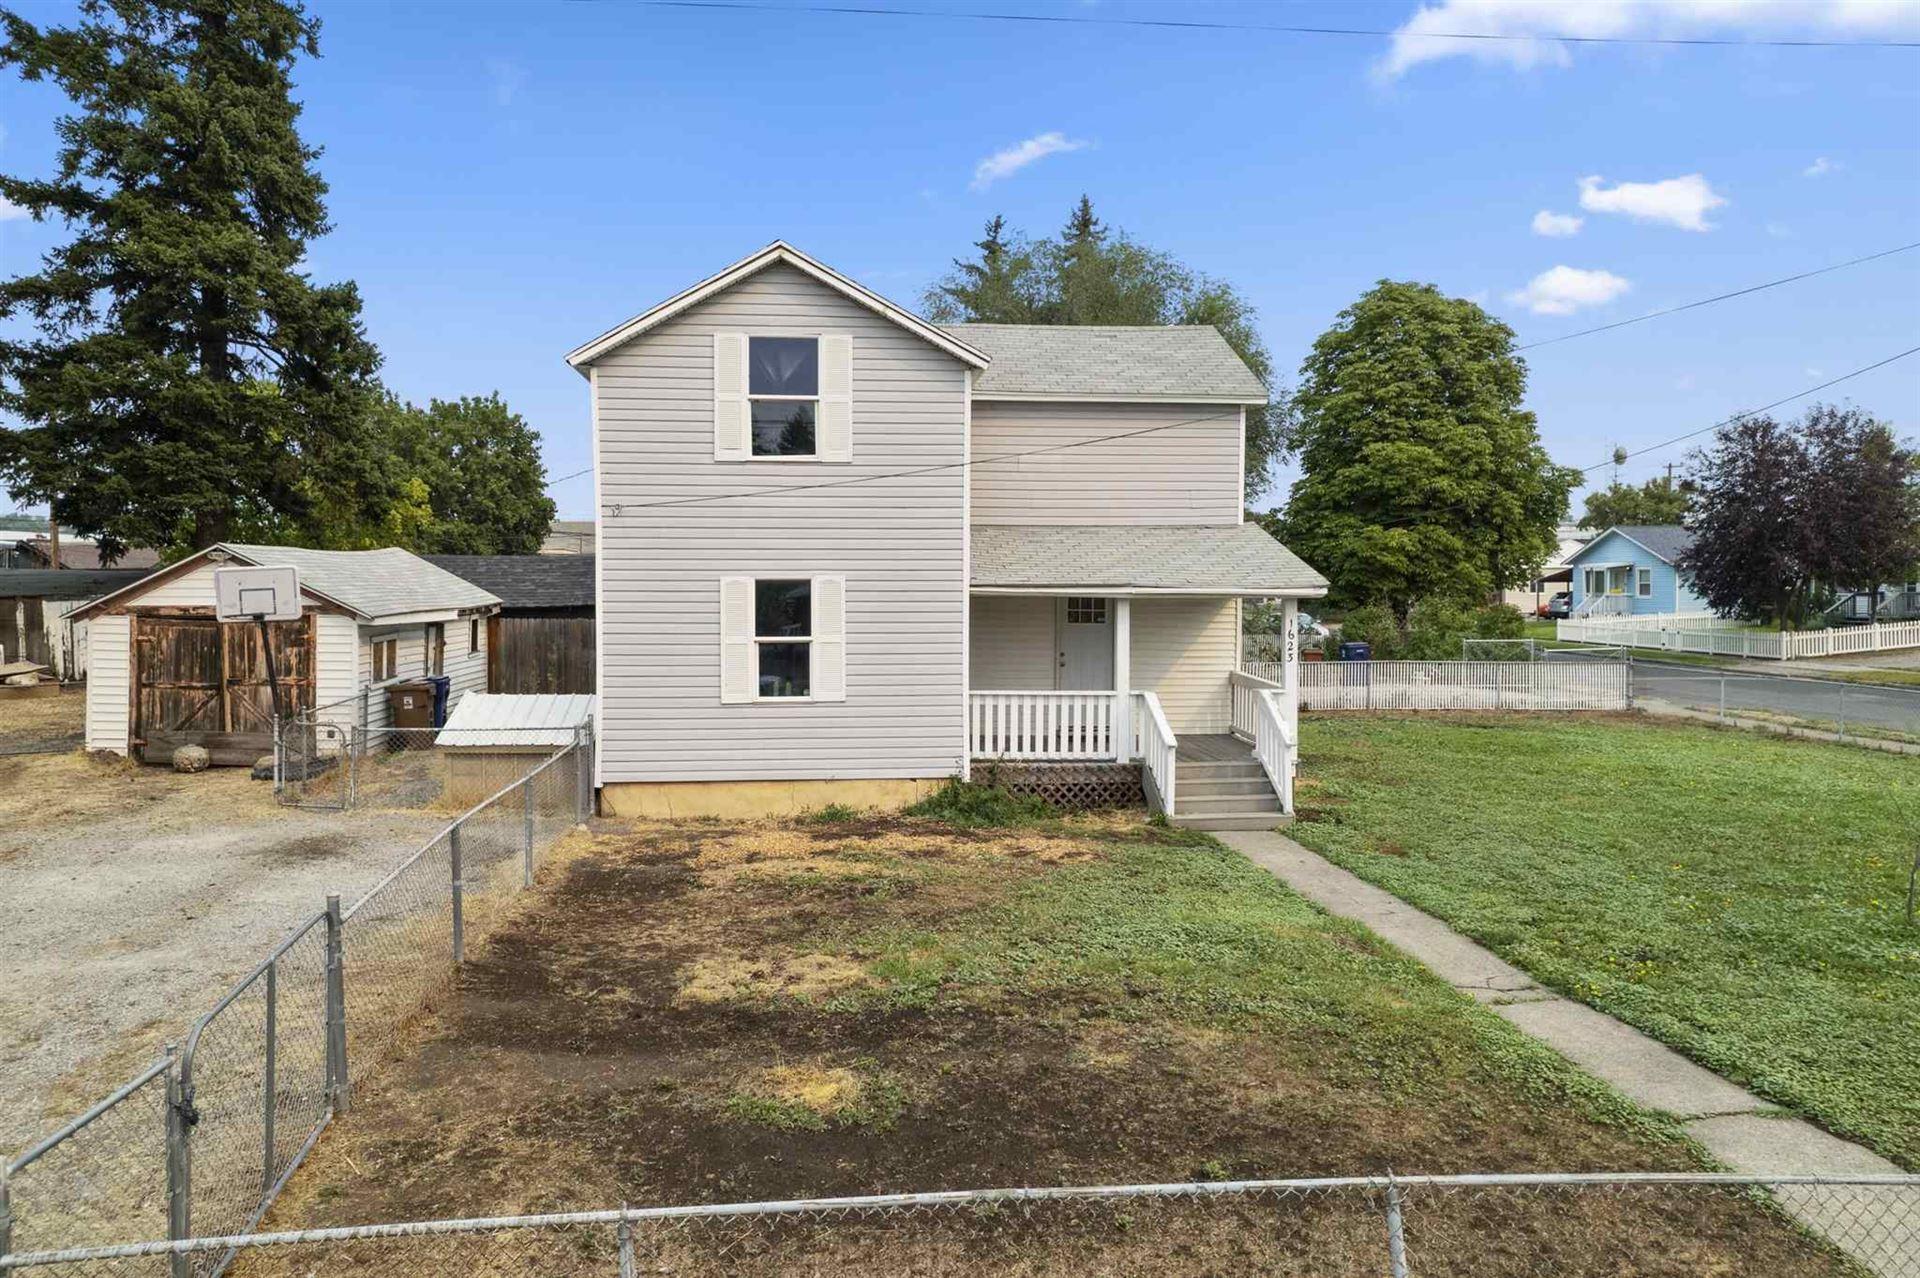 1623 E Marietta Ave, Spokane, WA 99207 - #: 202122216